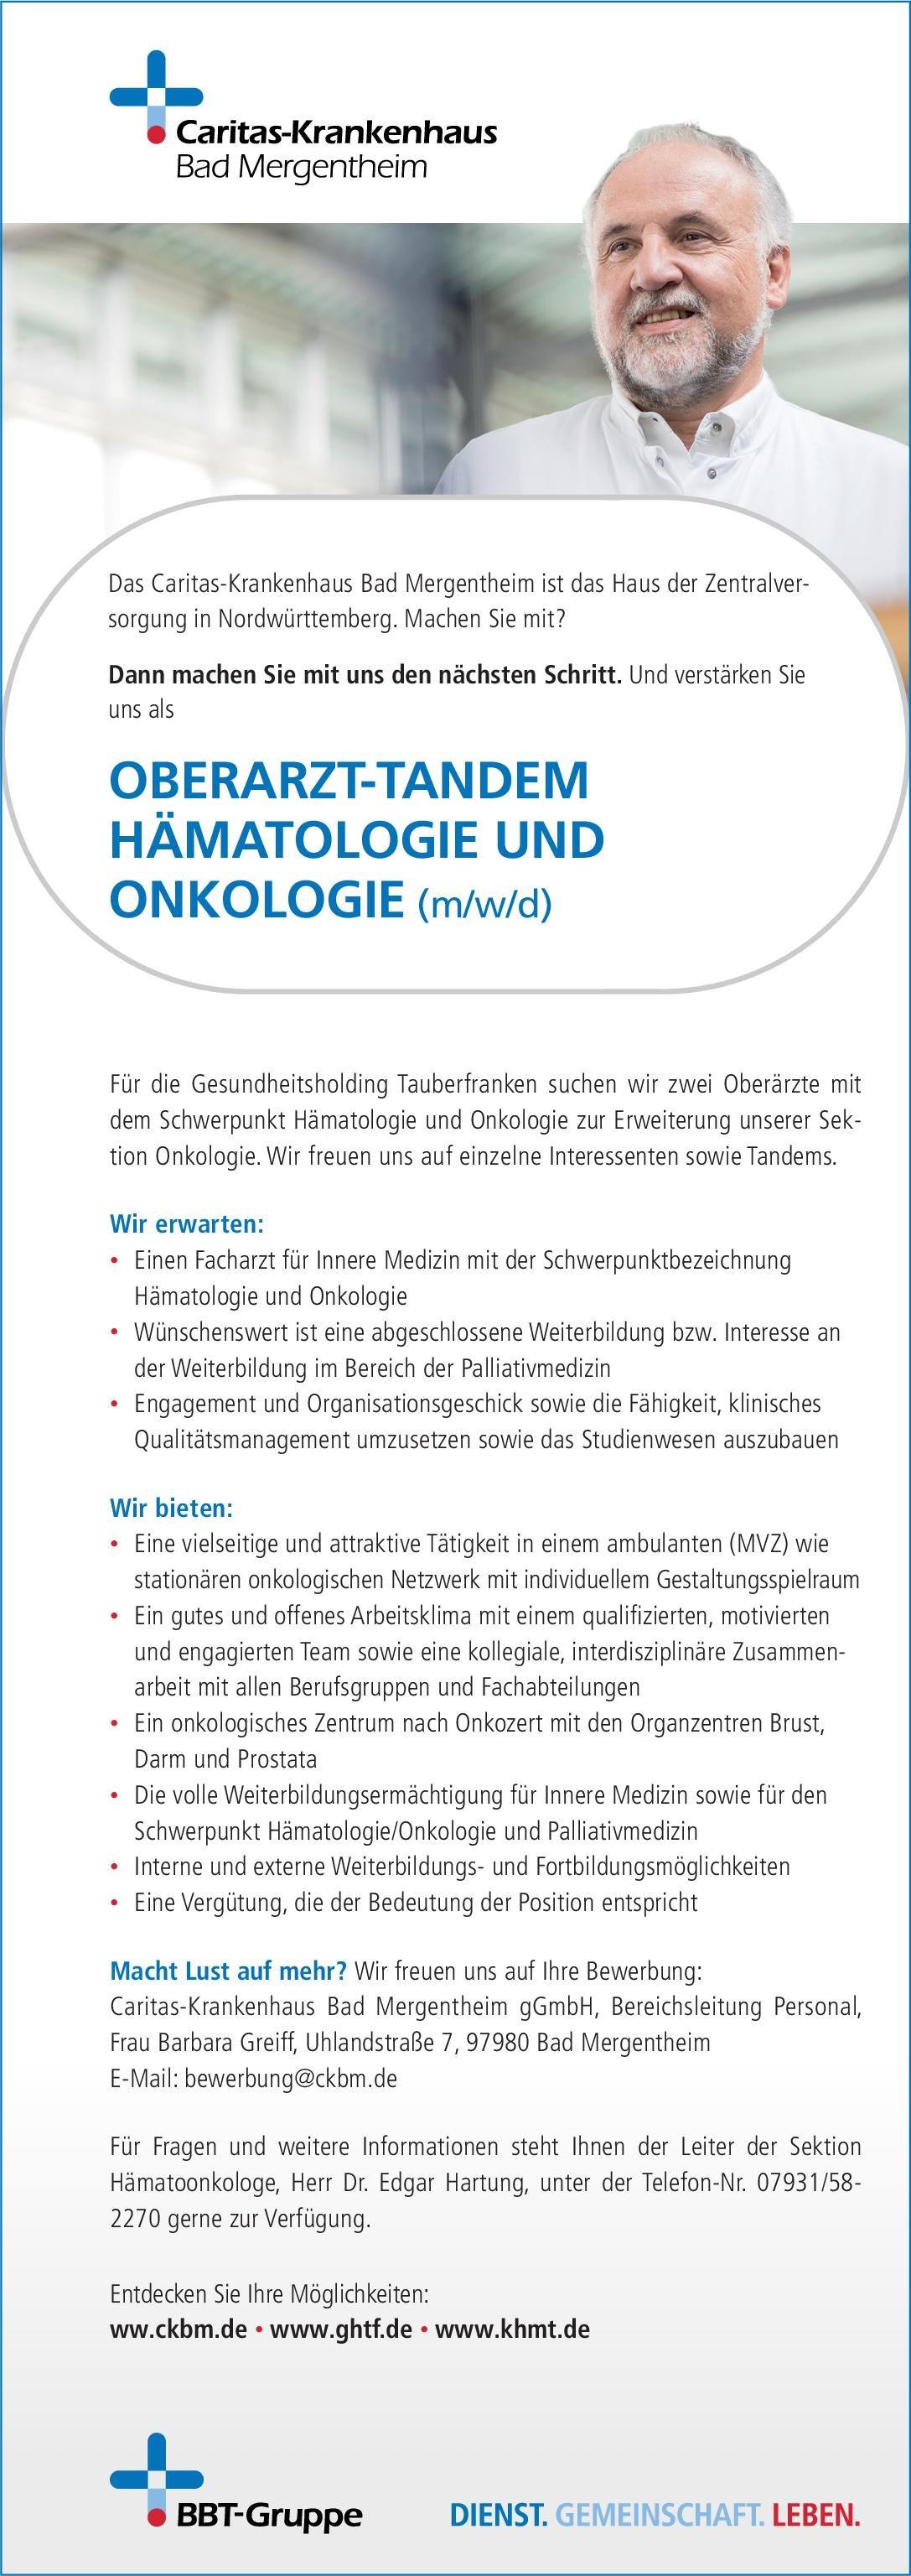 Caritas-Krankenhaus Bad Mergentheim gGmbH Oberarzt-Tandem Hämatologie und Onkologie (m/w/d)  Innere Medizin und Hämatologie und Onkologie, Innere Medizin Oberarzt